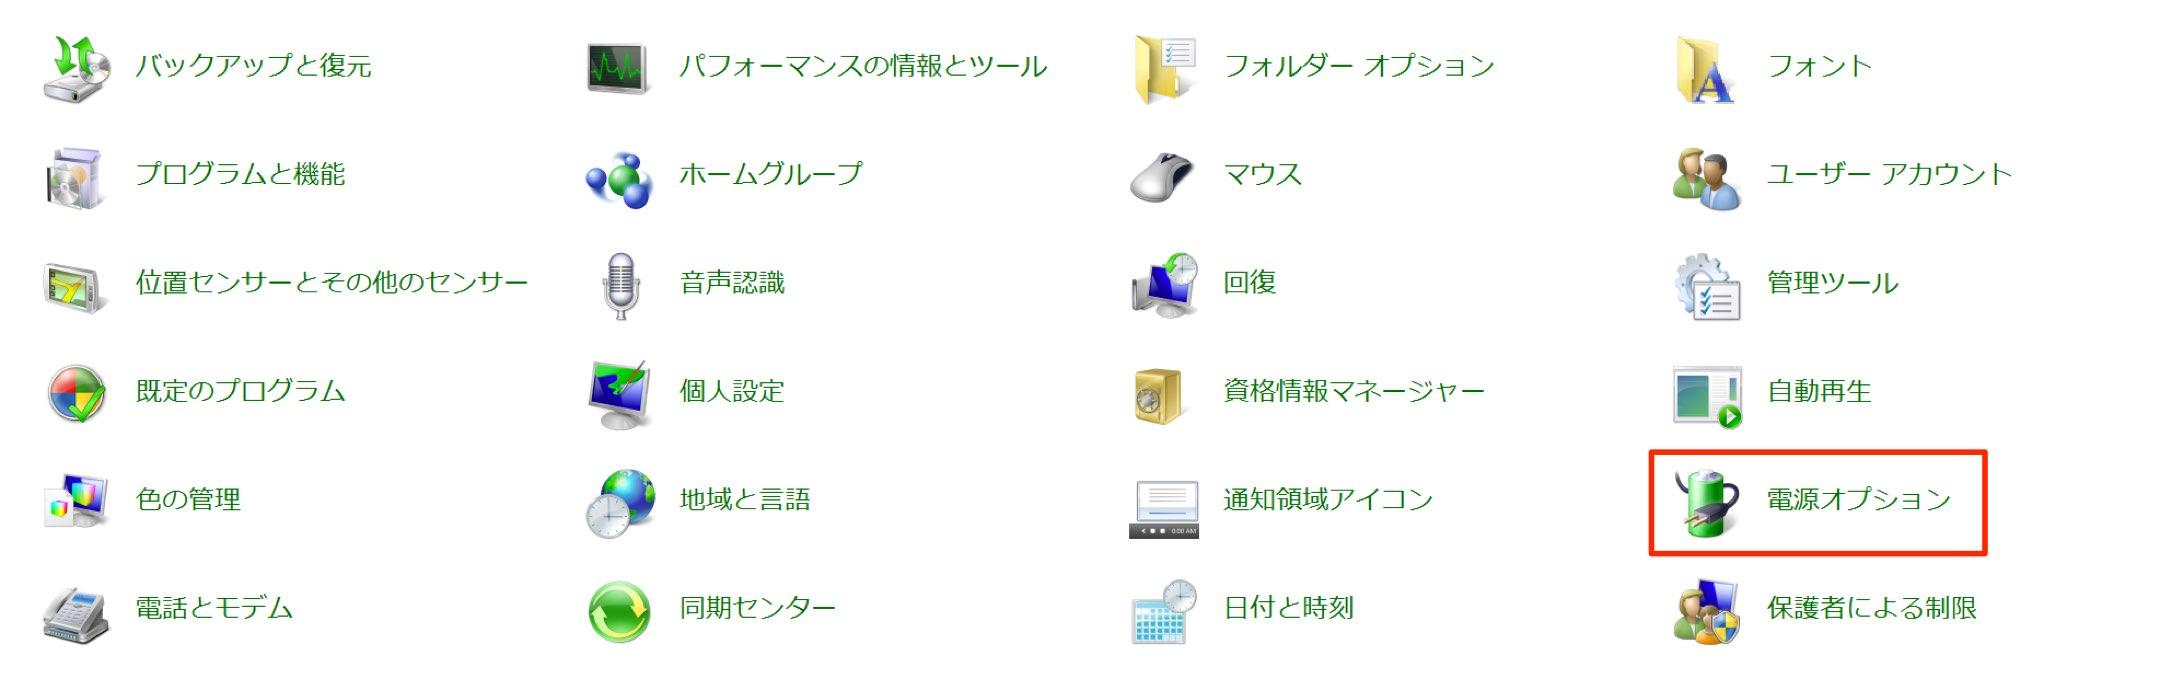 電源オプション-1